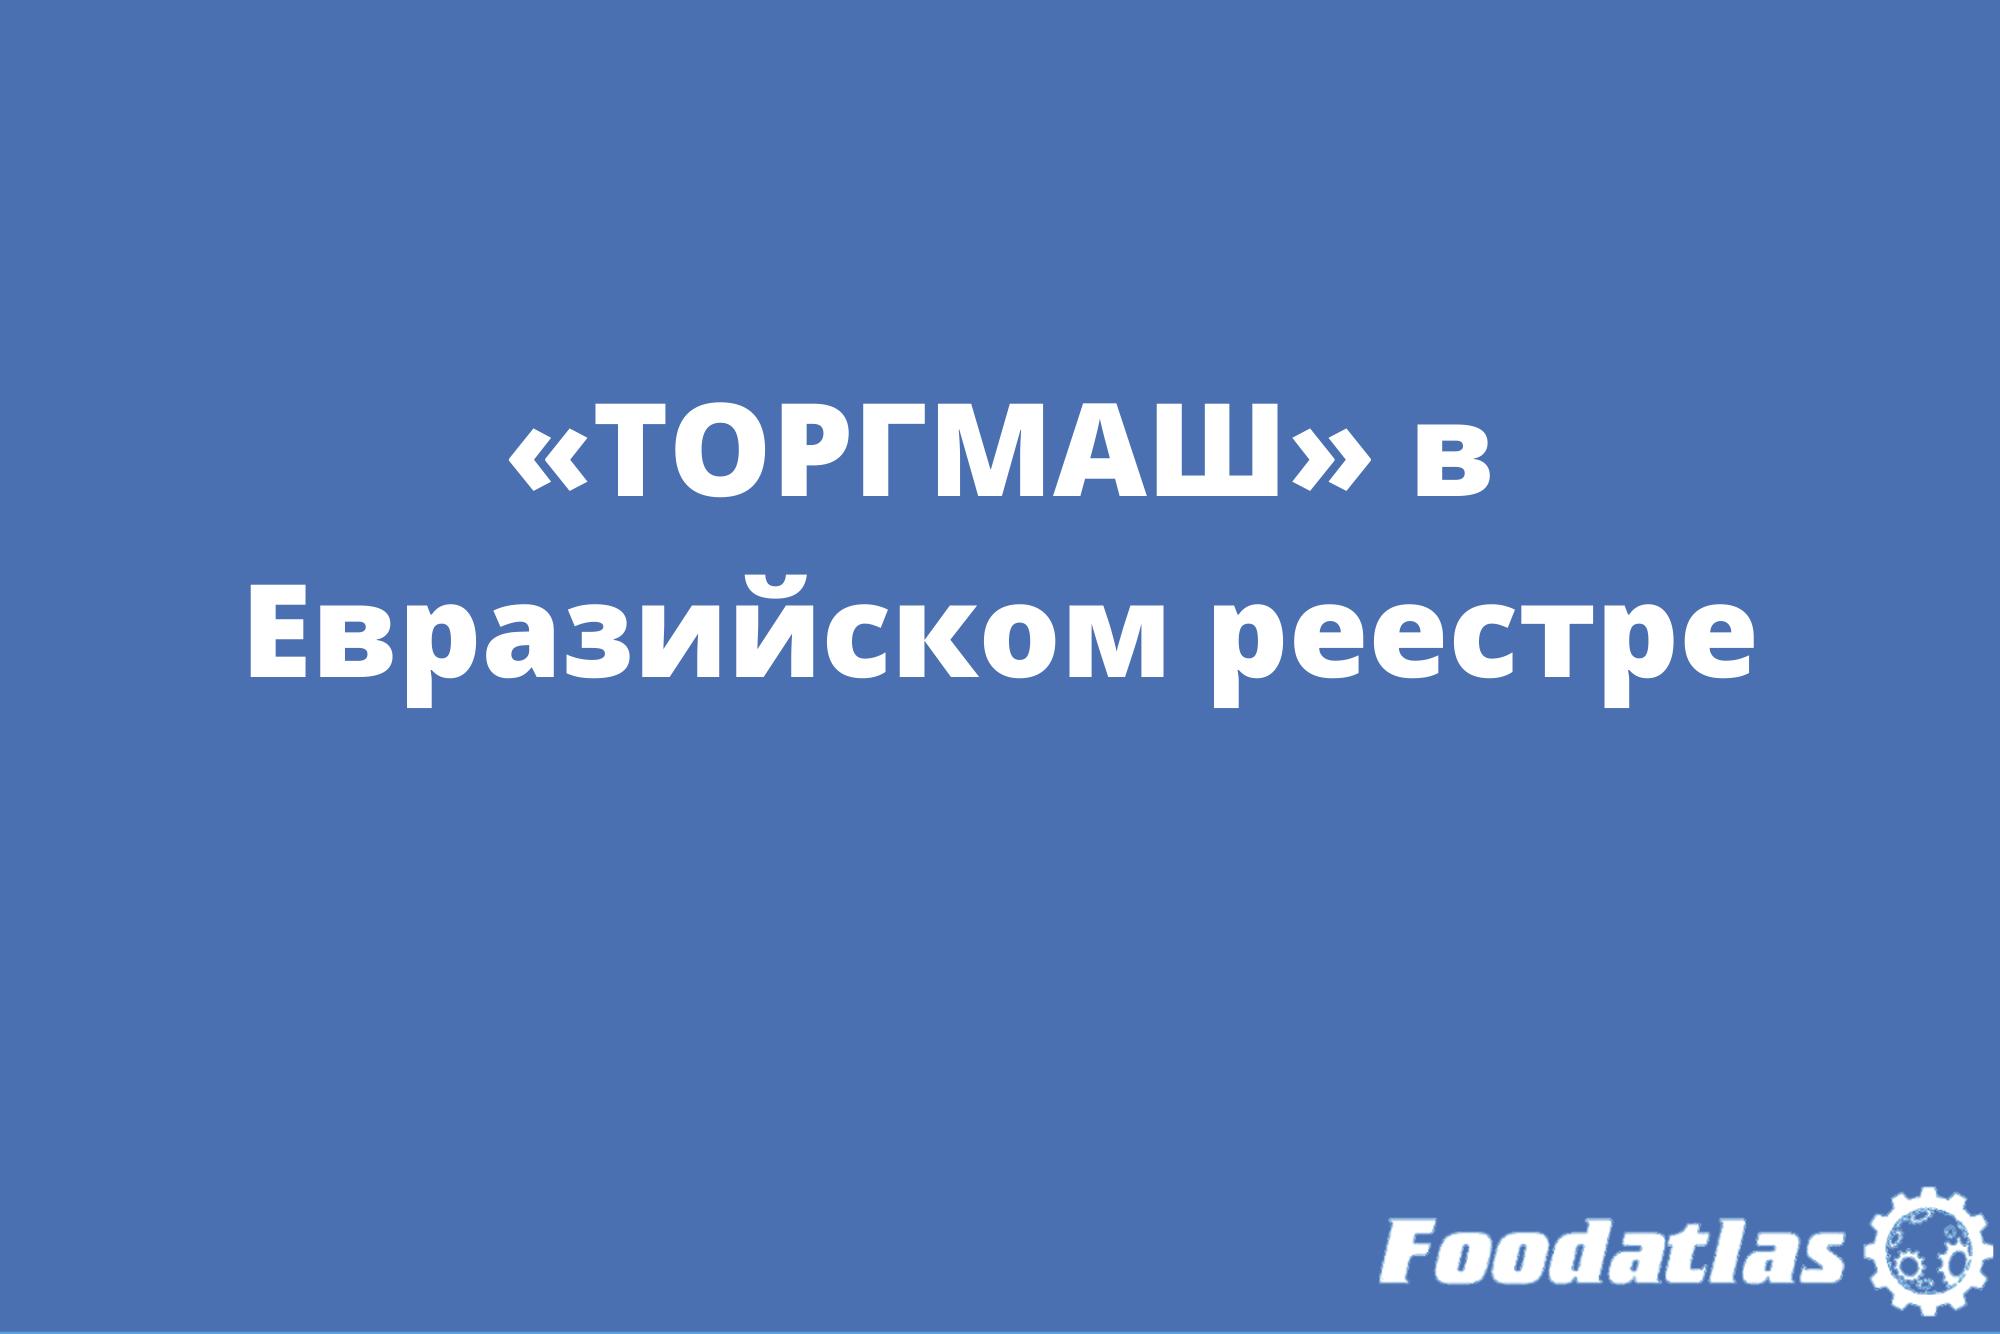 Производитель включен в евразийский реестр промышленной продукции